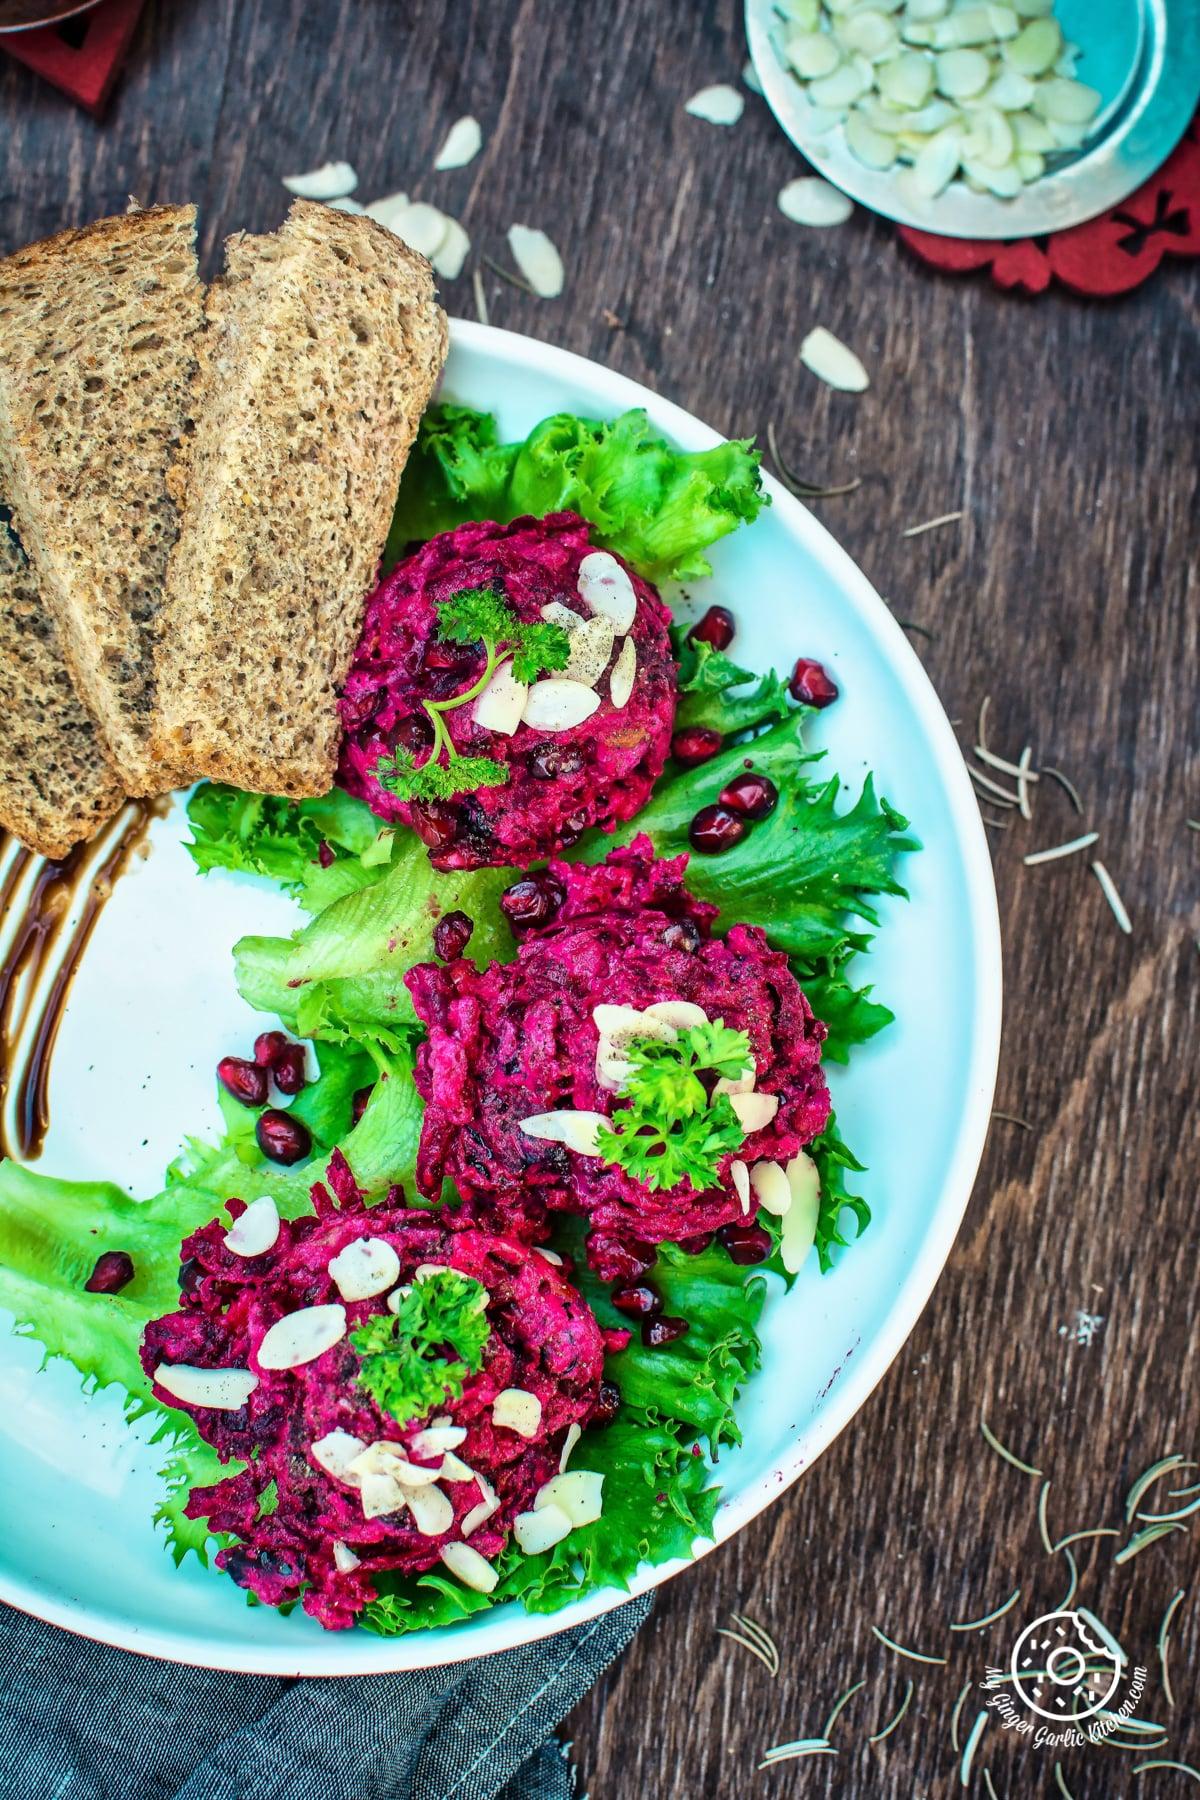 recipes-Roasted- Beet-Potato-Holiday-Salad-anupama-paliwal-my-ginger-garlic-kitchen-8